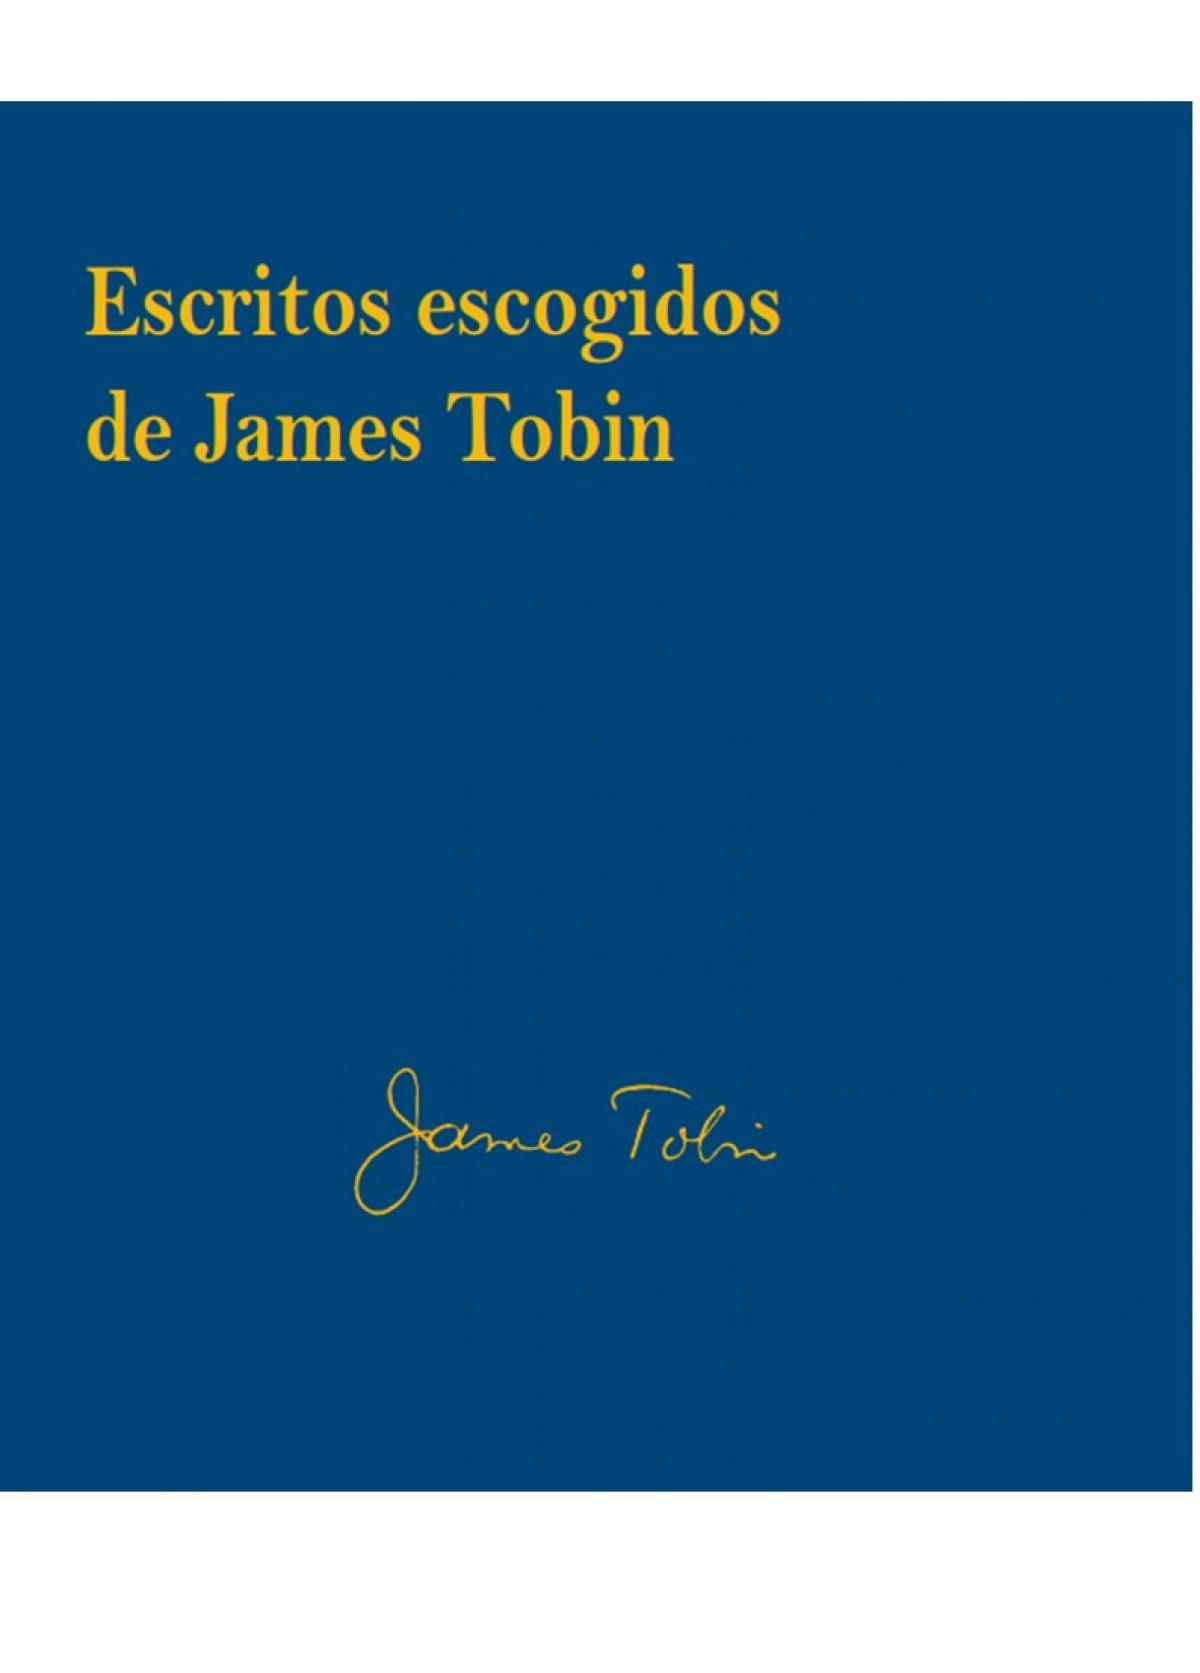 ESCRITOS ESCOGIDOS DE JAMES TOBIN